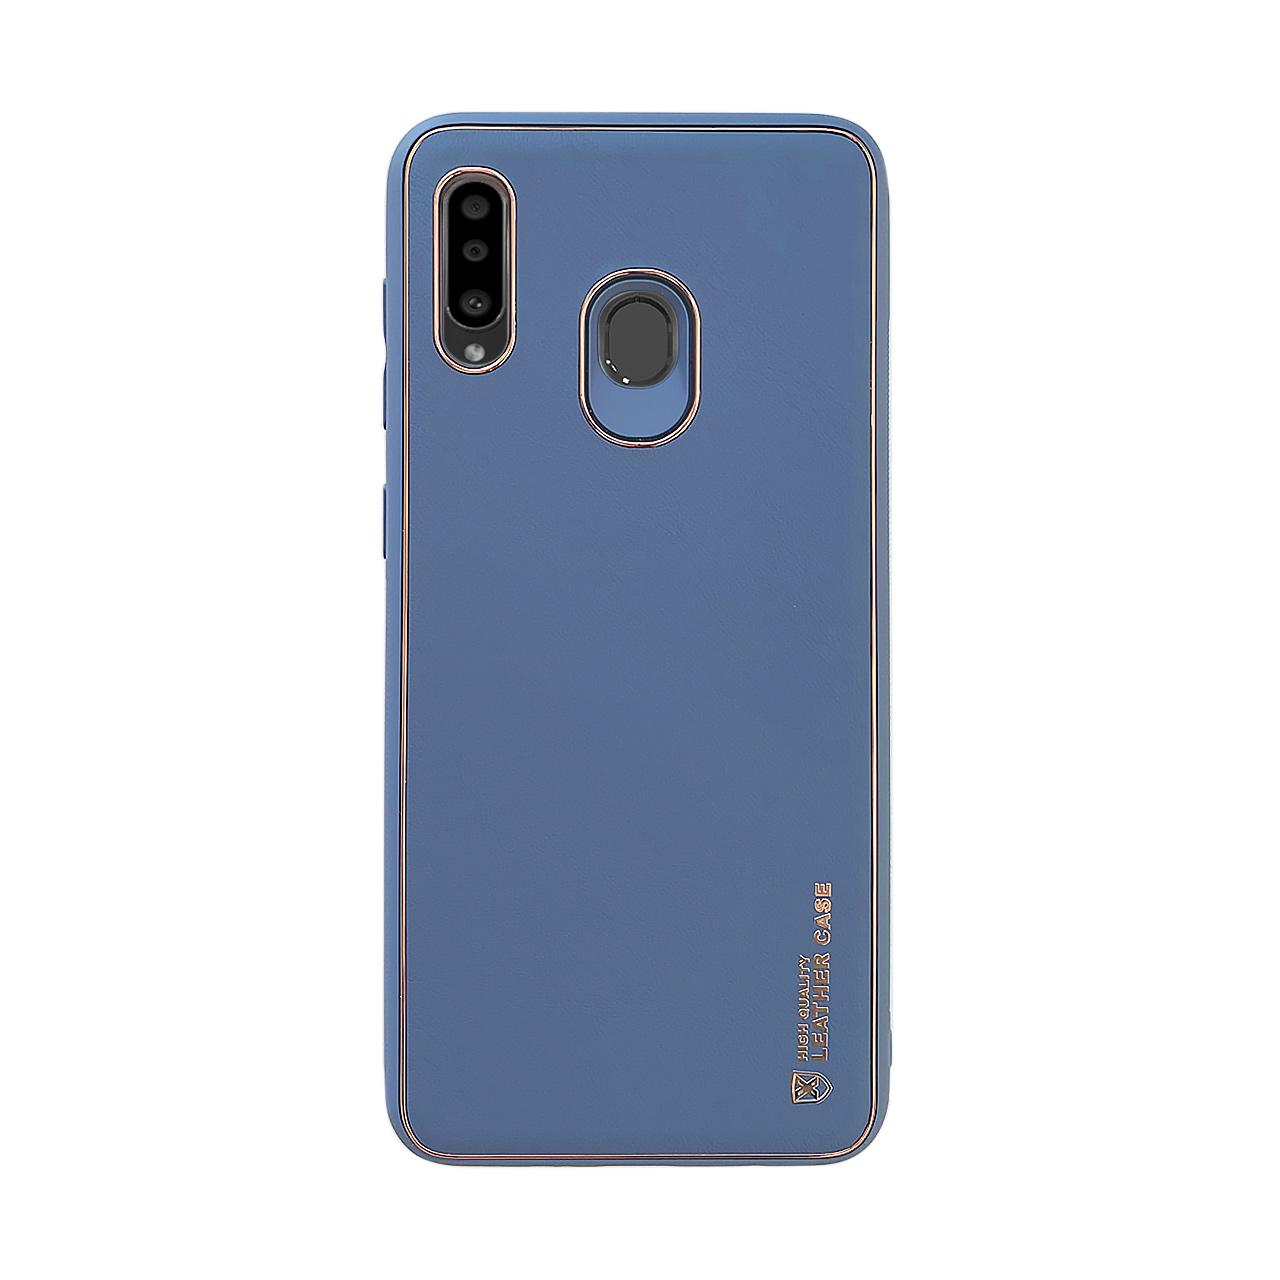 کاور دکین مدل LTRC مناسب برای گوشی موبایل سامسونگ Galaxy A20 / A30